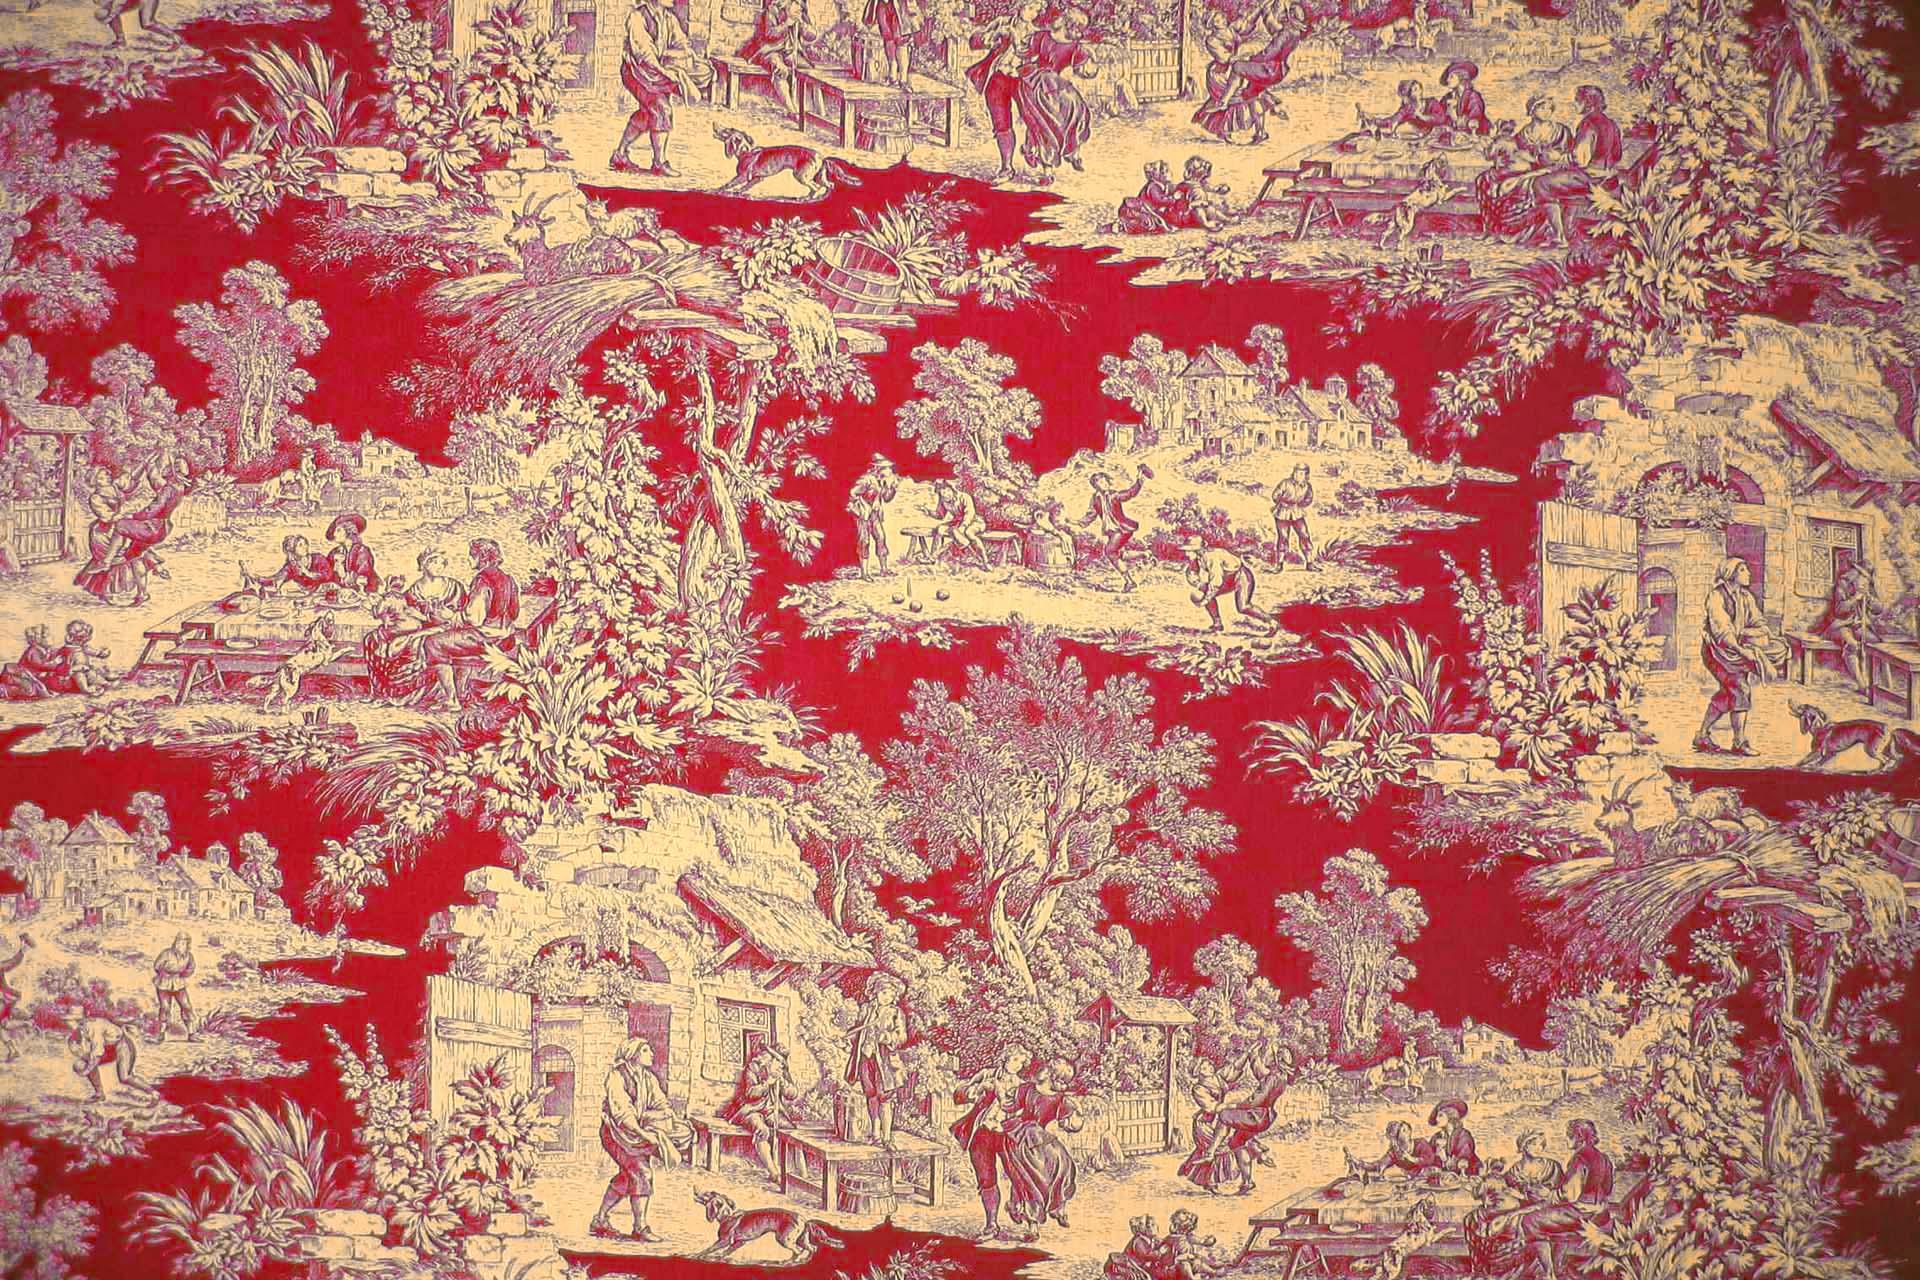 Papier peint toile de jouy papier peint toile de jouy - Papier peint toile de jouy rouge ...